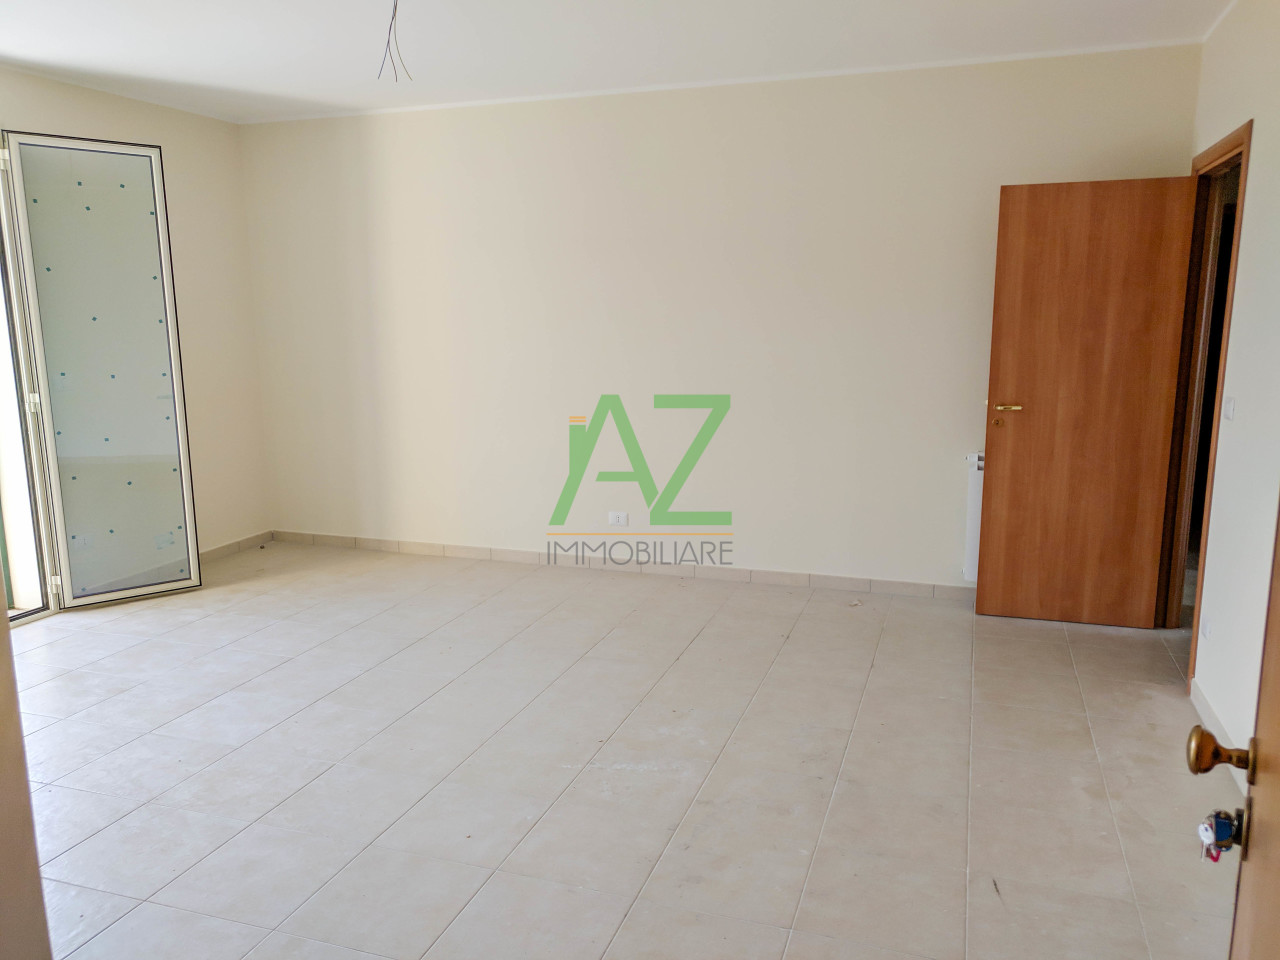 Appartamento in vendita Rif. 10471461